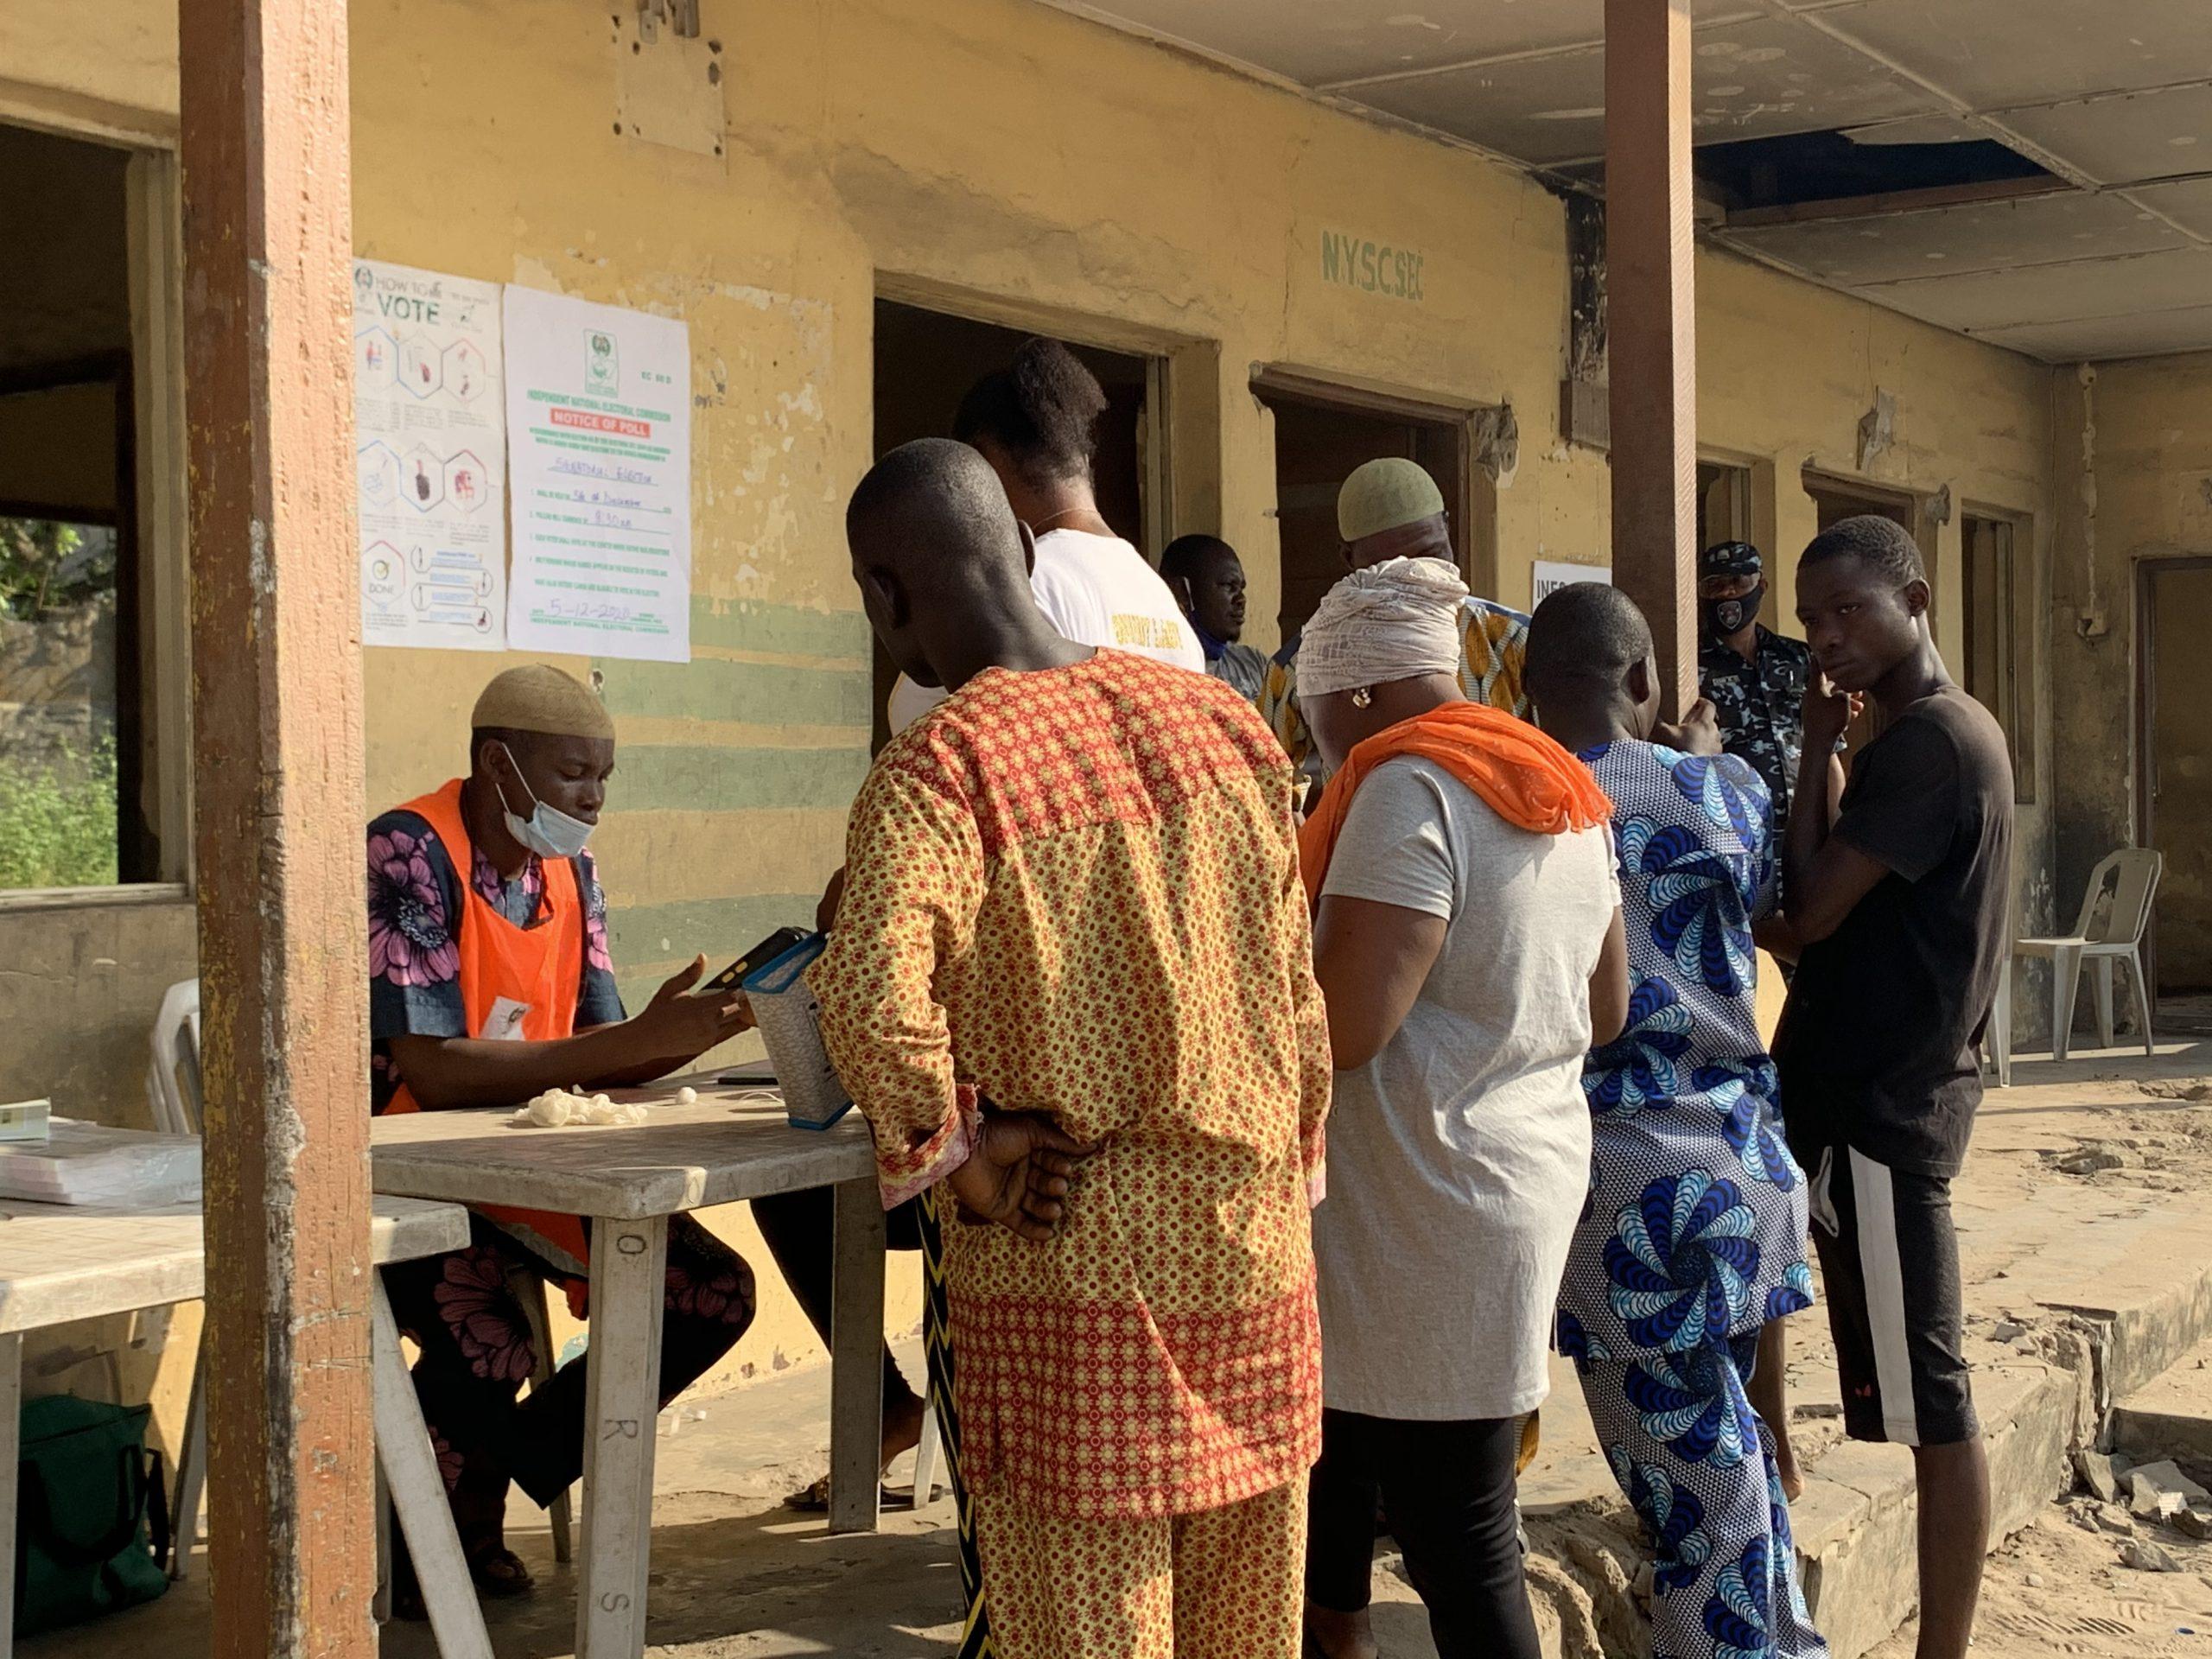 A Polling unit